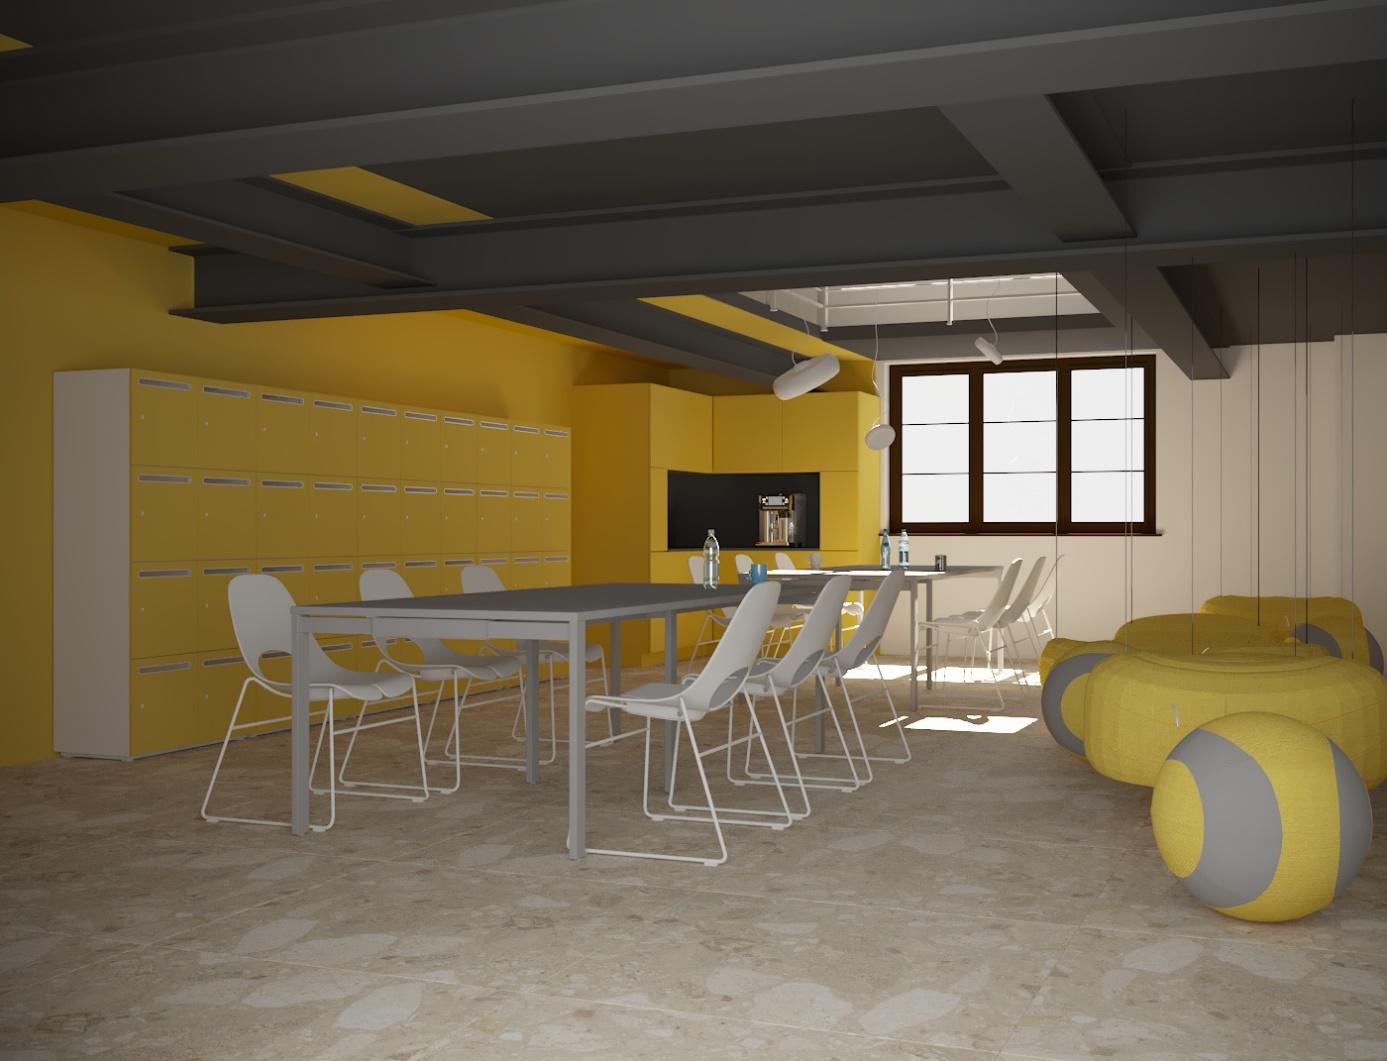 Pomieszczenie przeznaczone do pracy, wyposażone w stoły, krzesła i sofy